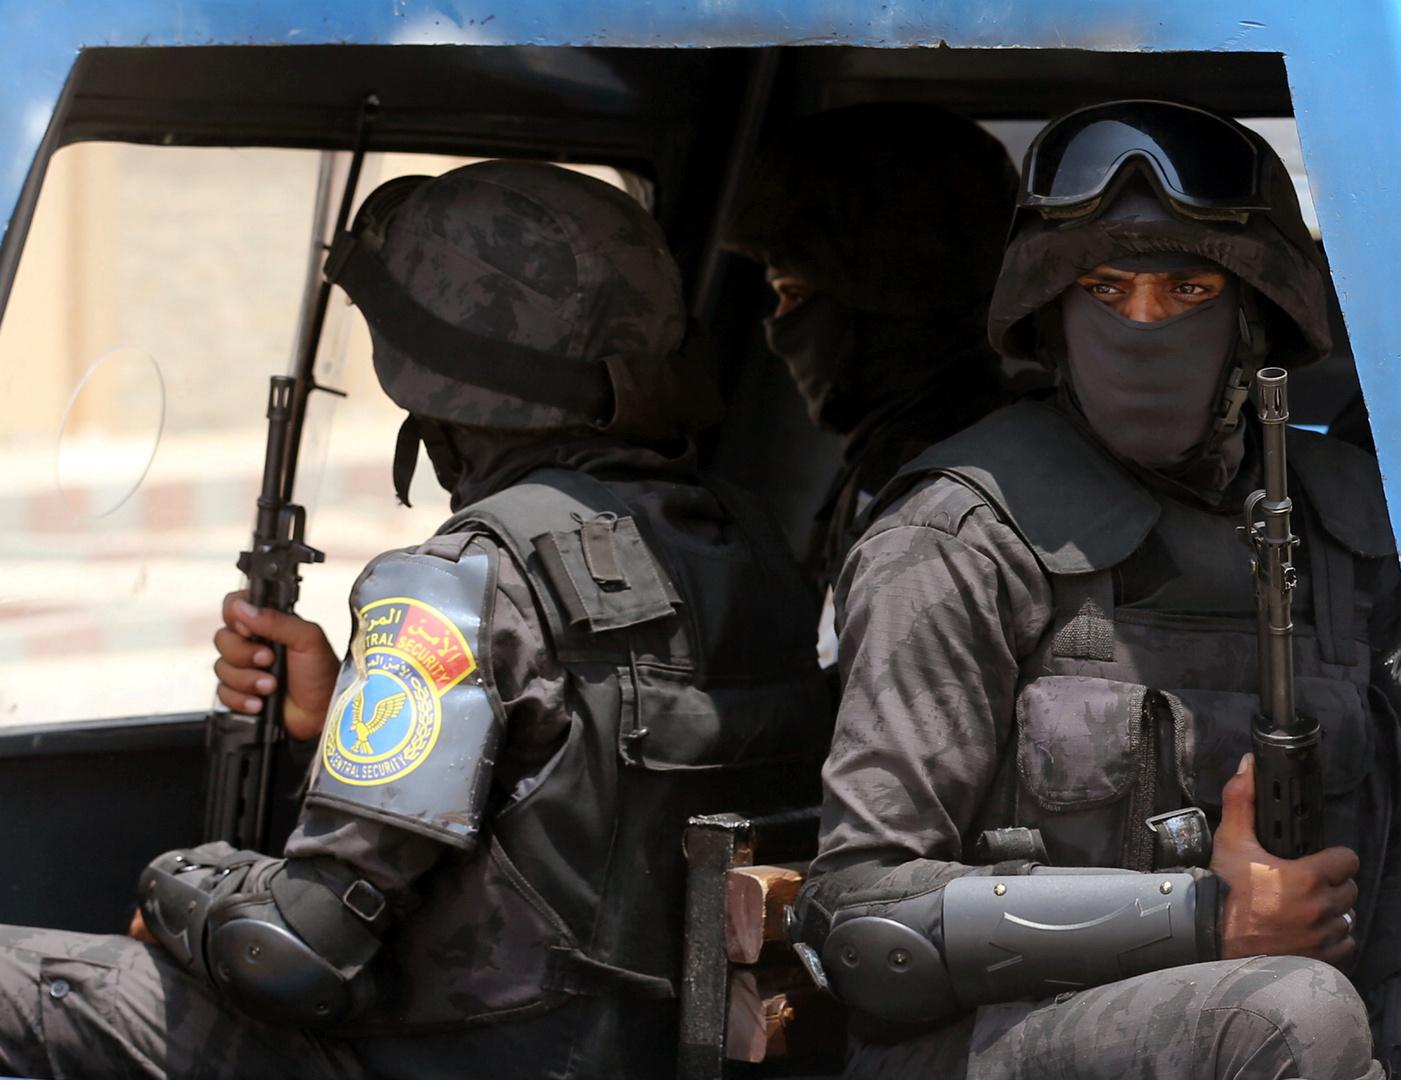 مصر.. تدخّل الأمن المركزي لفضّ اشتباكات بين قريتين في قنا